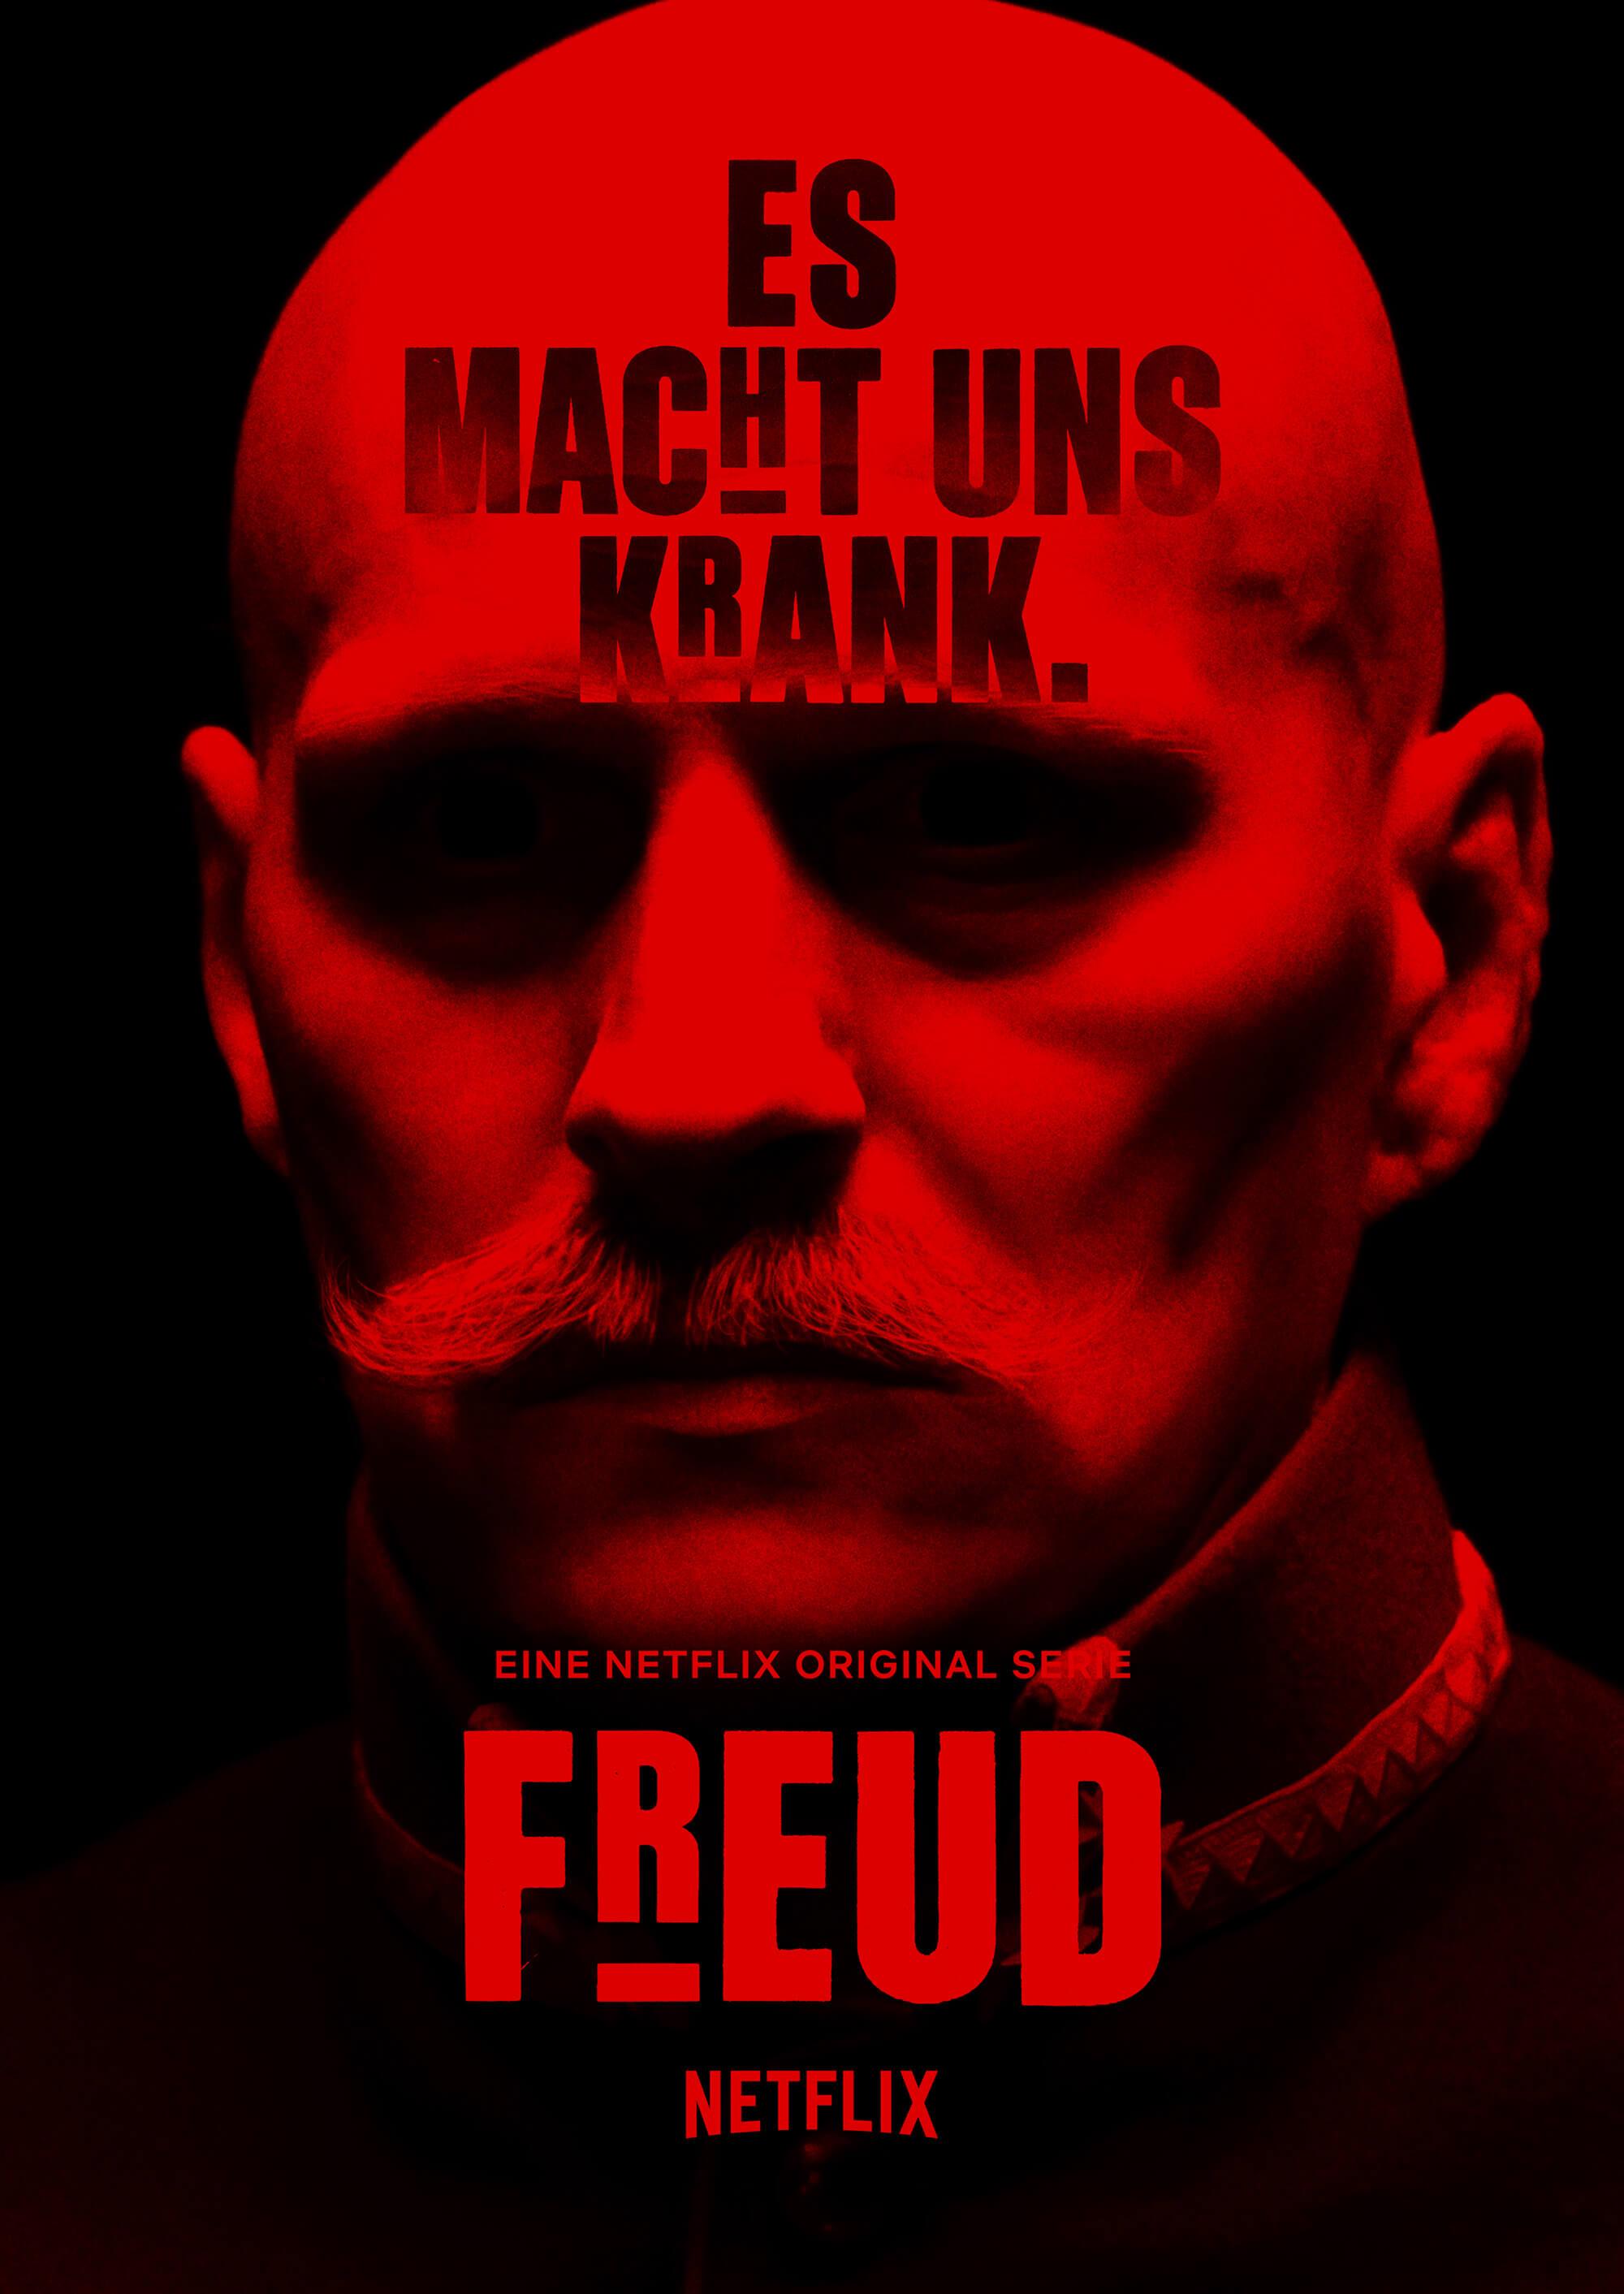 8490_FREUD_Characters_Freud_Dark_SmallSized_Headline_Kiss